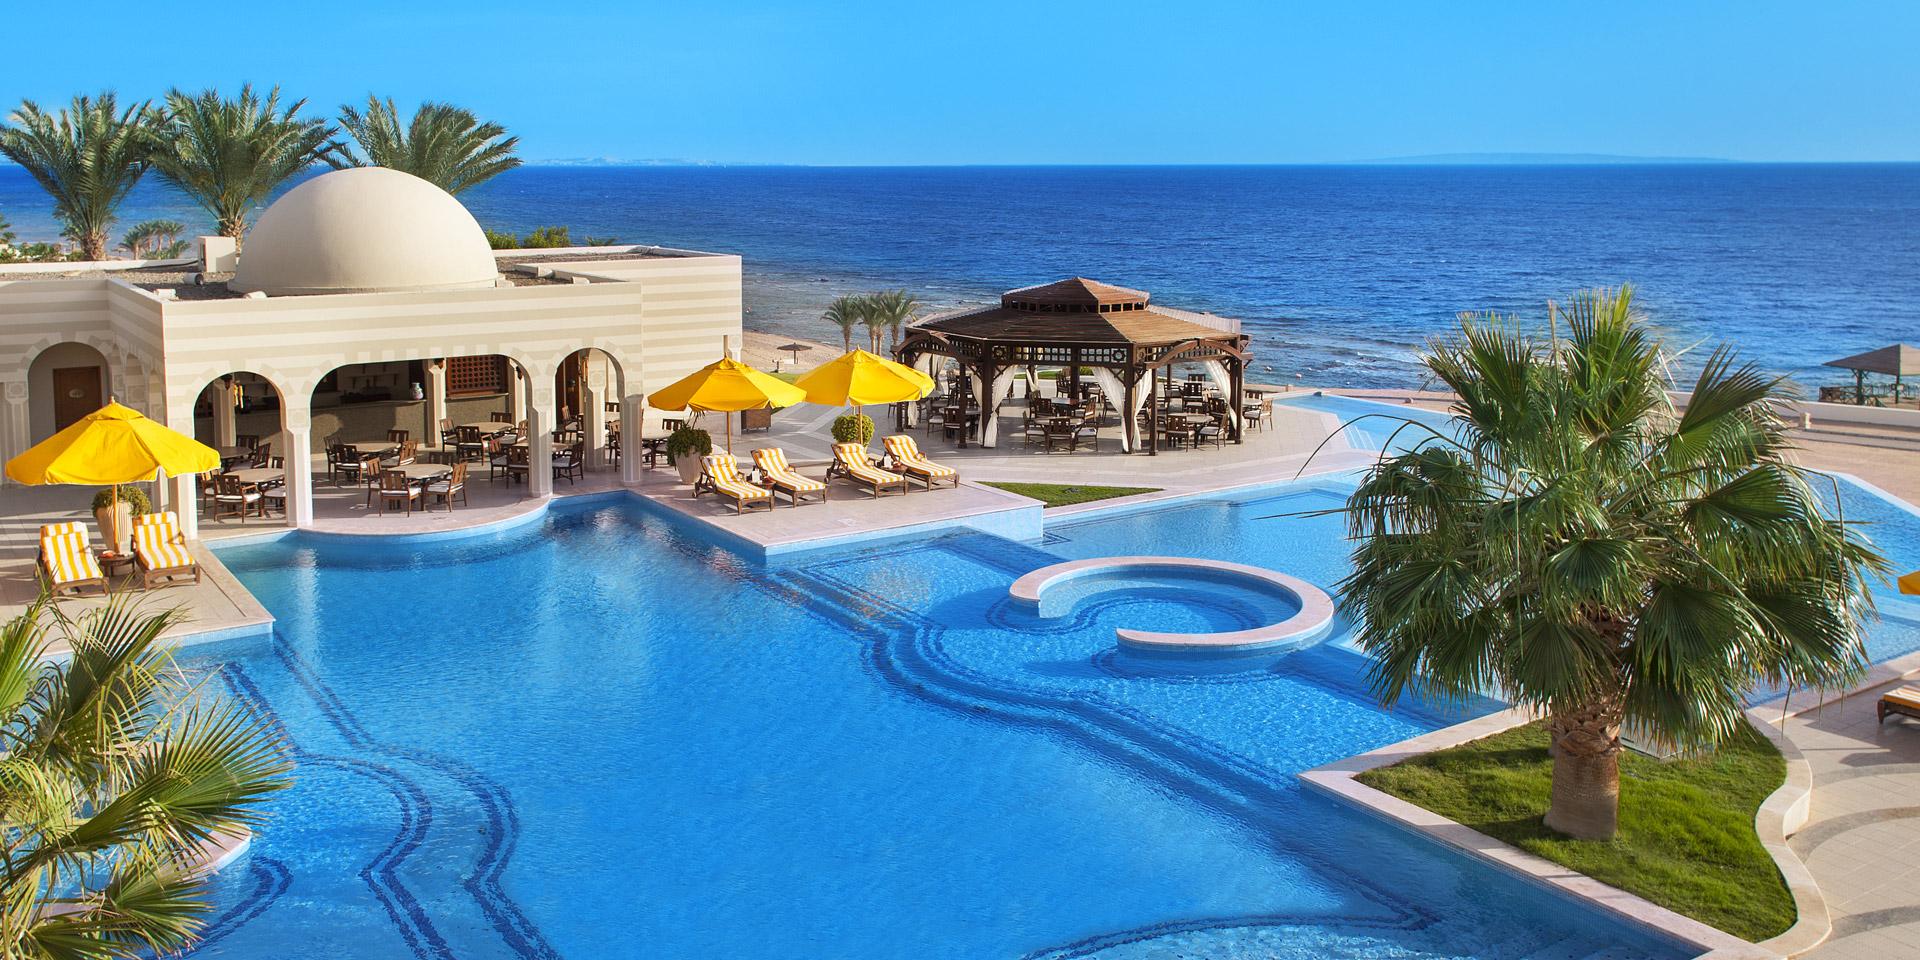 Luxushotels Weltweit 5 Sterne Hotels Weltweit Dlw Die Luxushotels